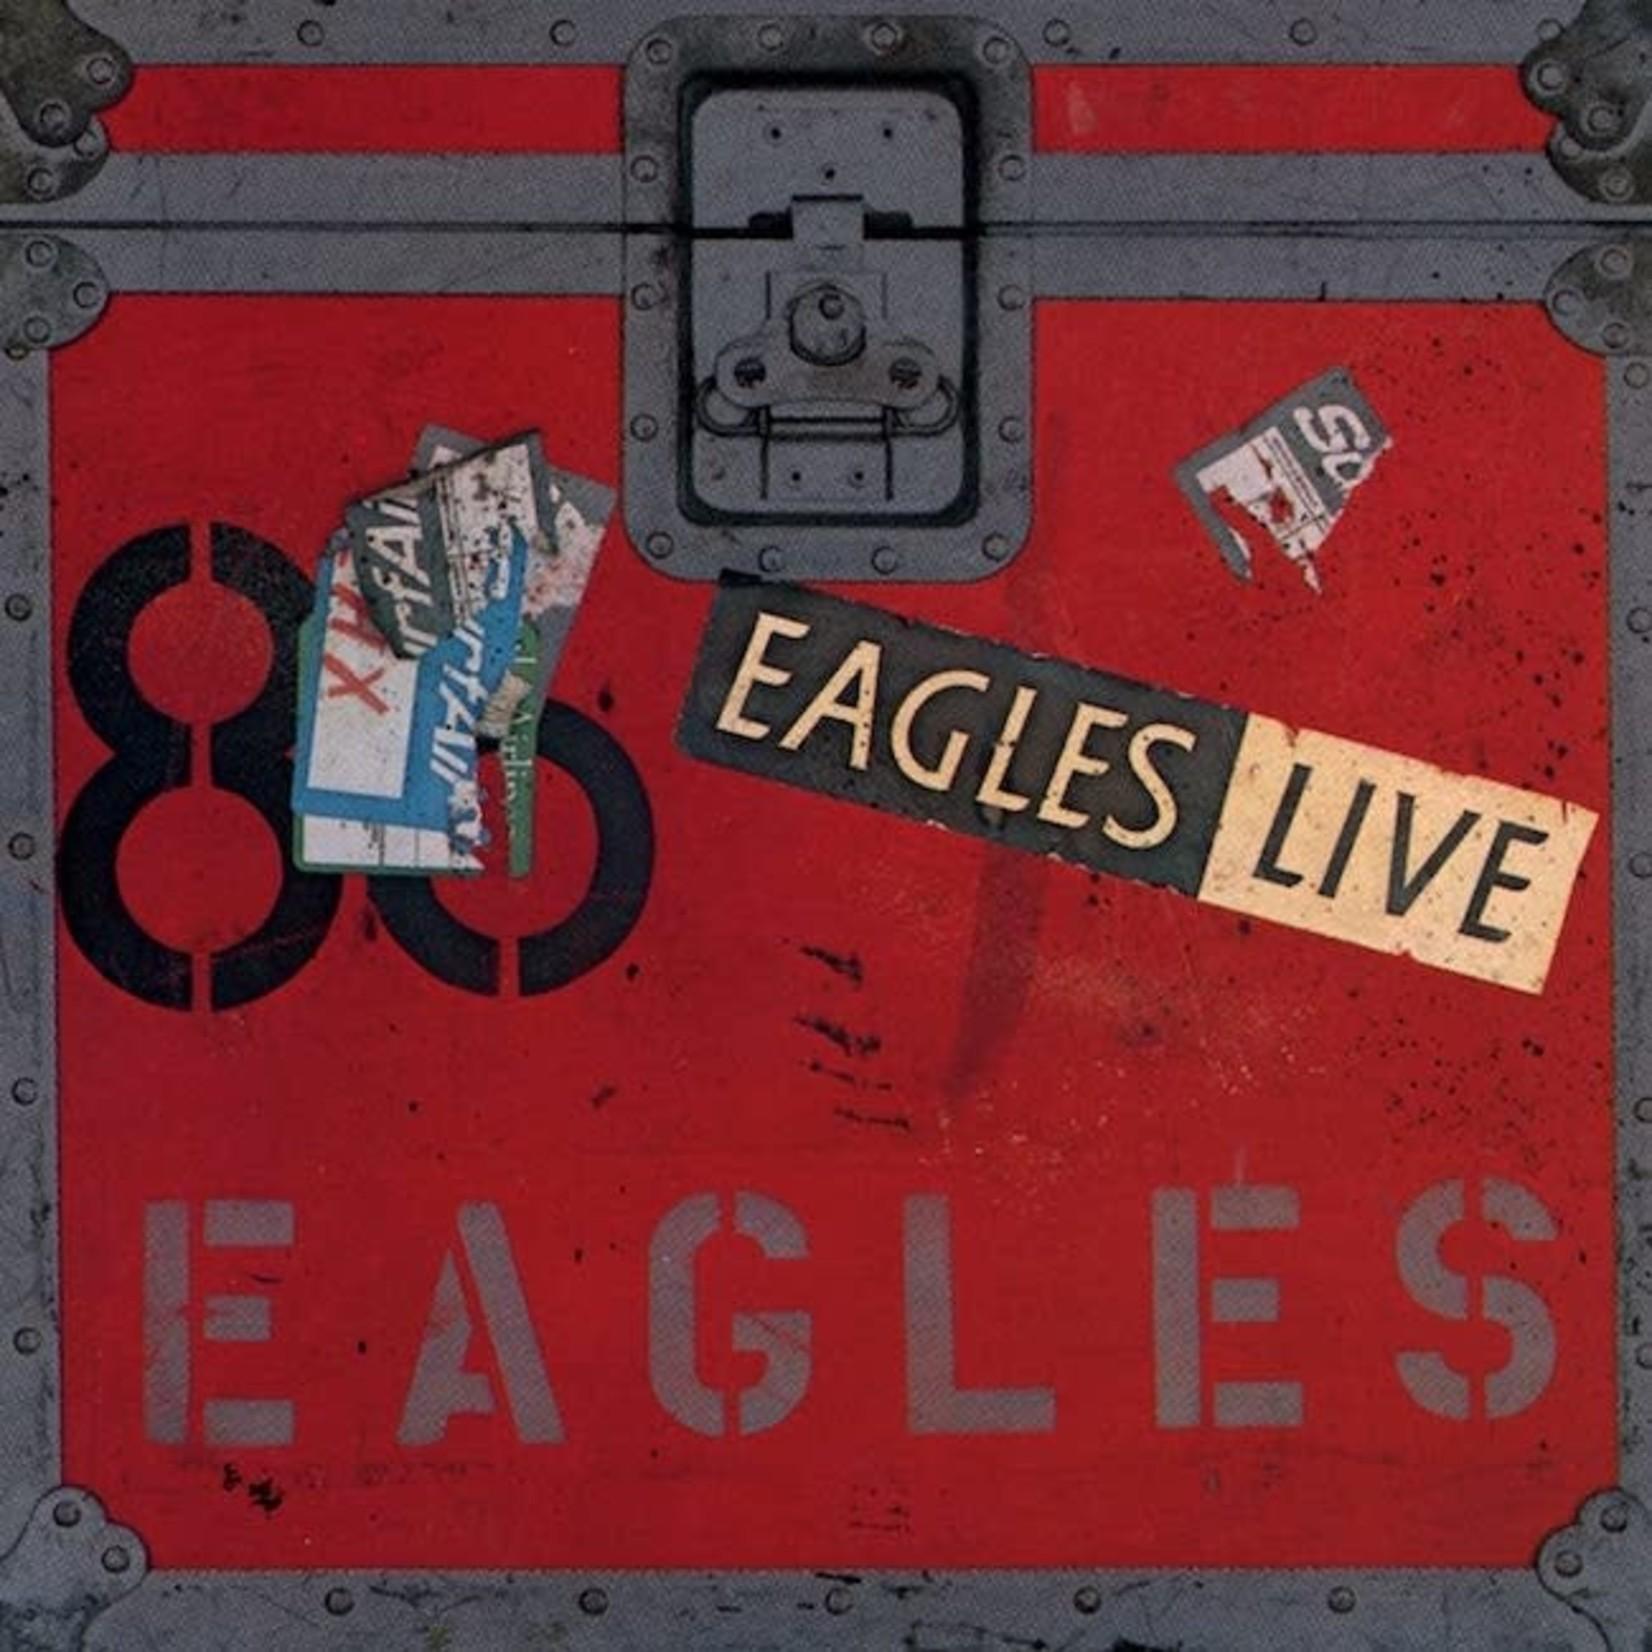 [Vintage] Eagles: Live (2LP)